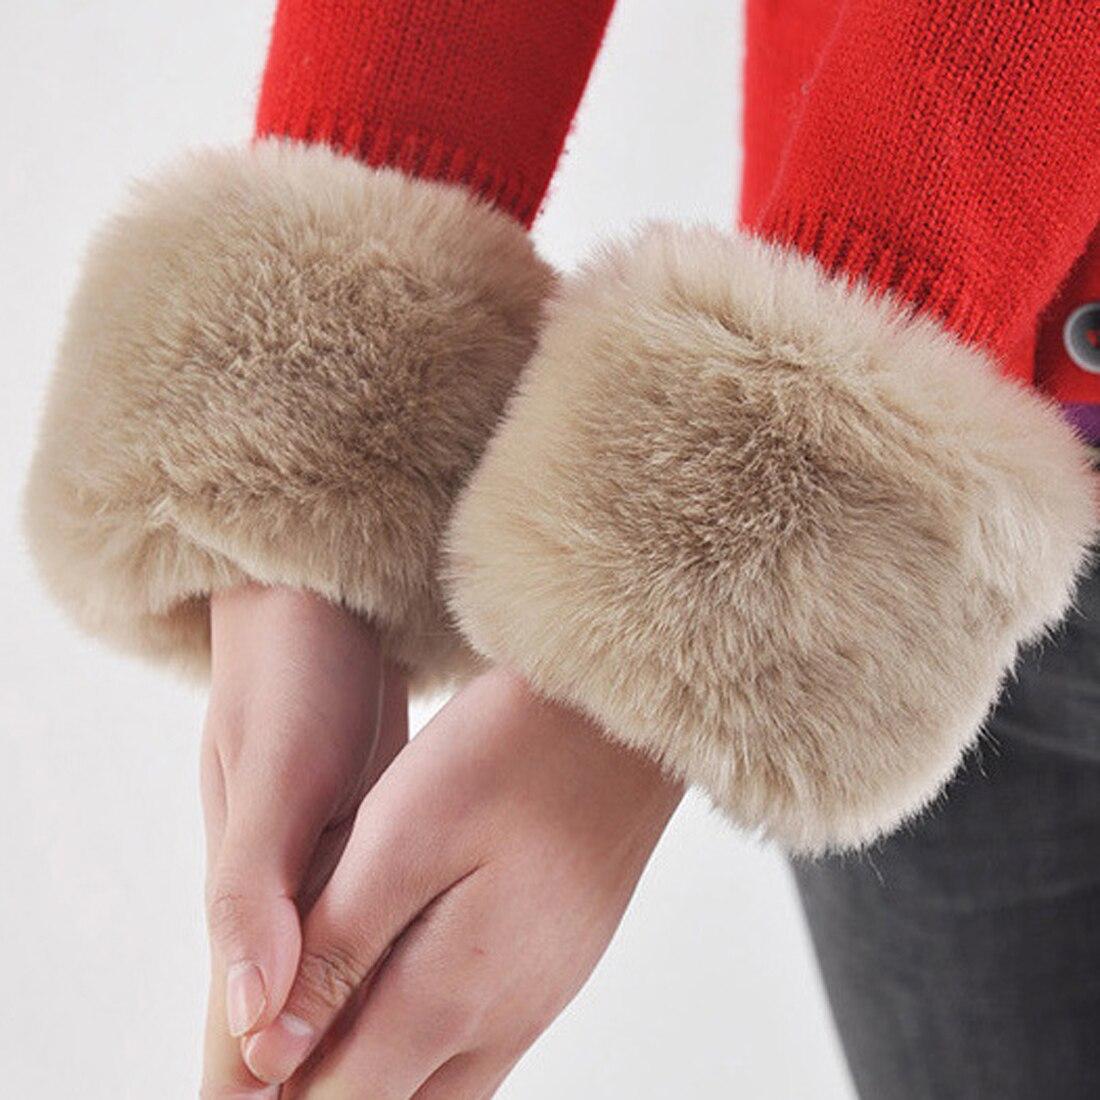 Fashion Winter Warm Women Faux Fur Elastic Wrist Slap On Cuffs Arm Warmer Plush Solid Color Gloves Soft  Arm Warmer High Qaulity